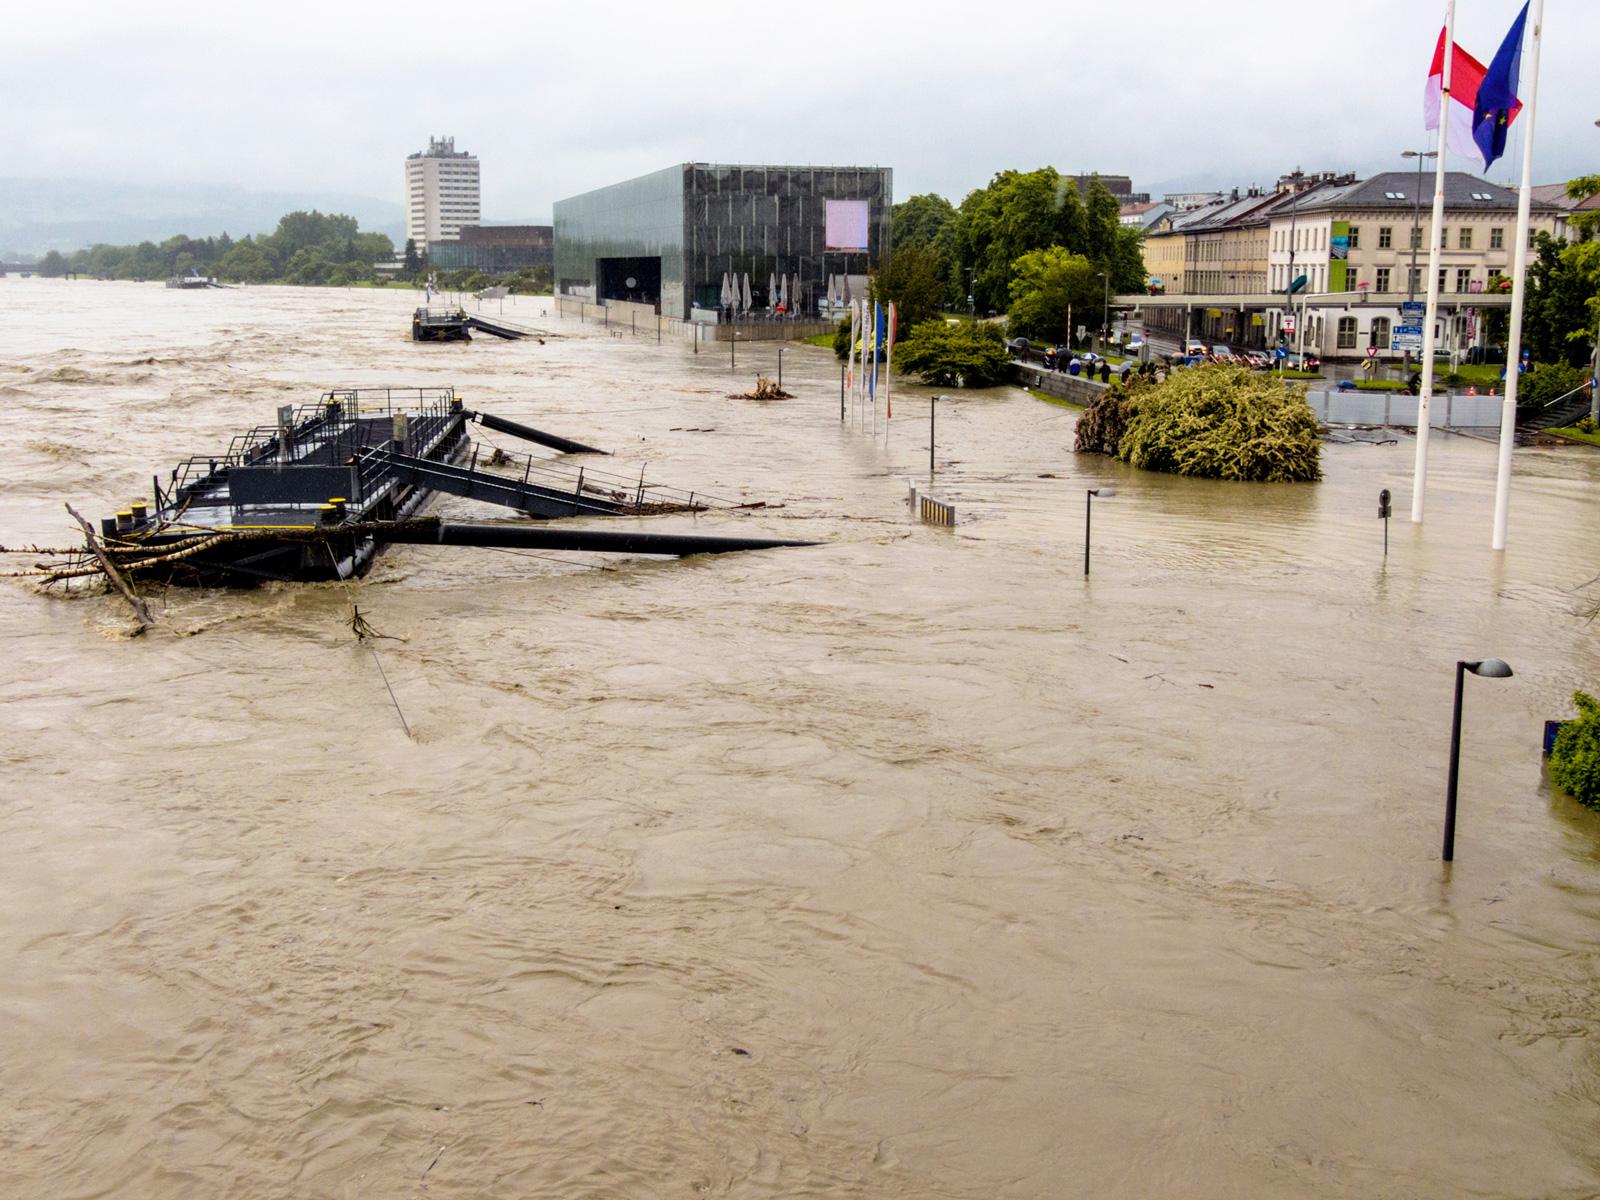 Donauflut in Linz im Jahr 2013